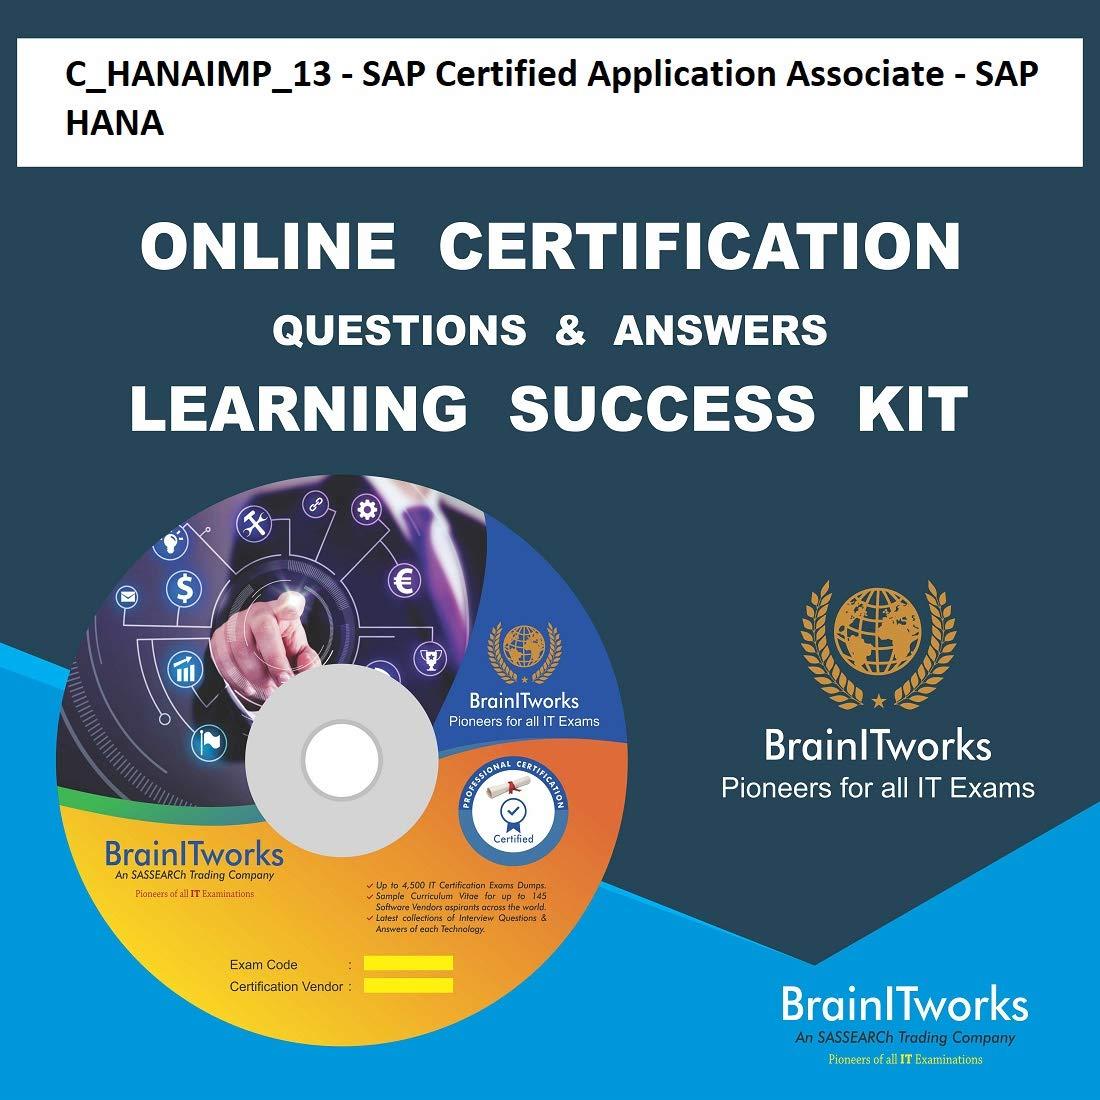 Chanaimp13 Sap Certified Application Associate Sap Hana Online